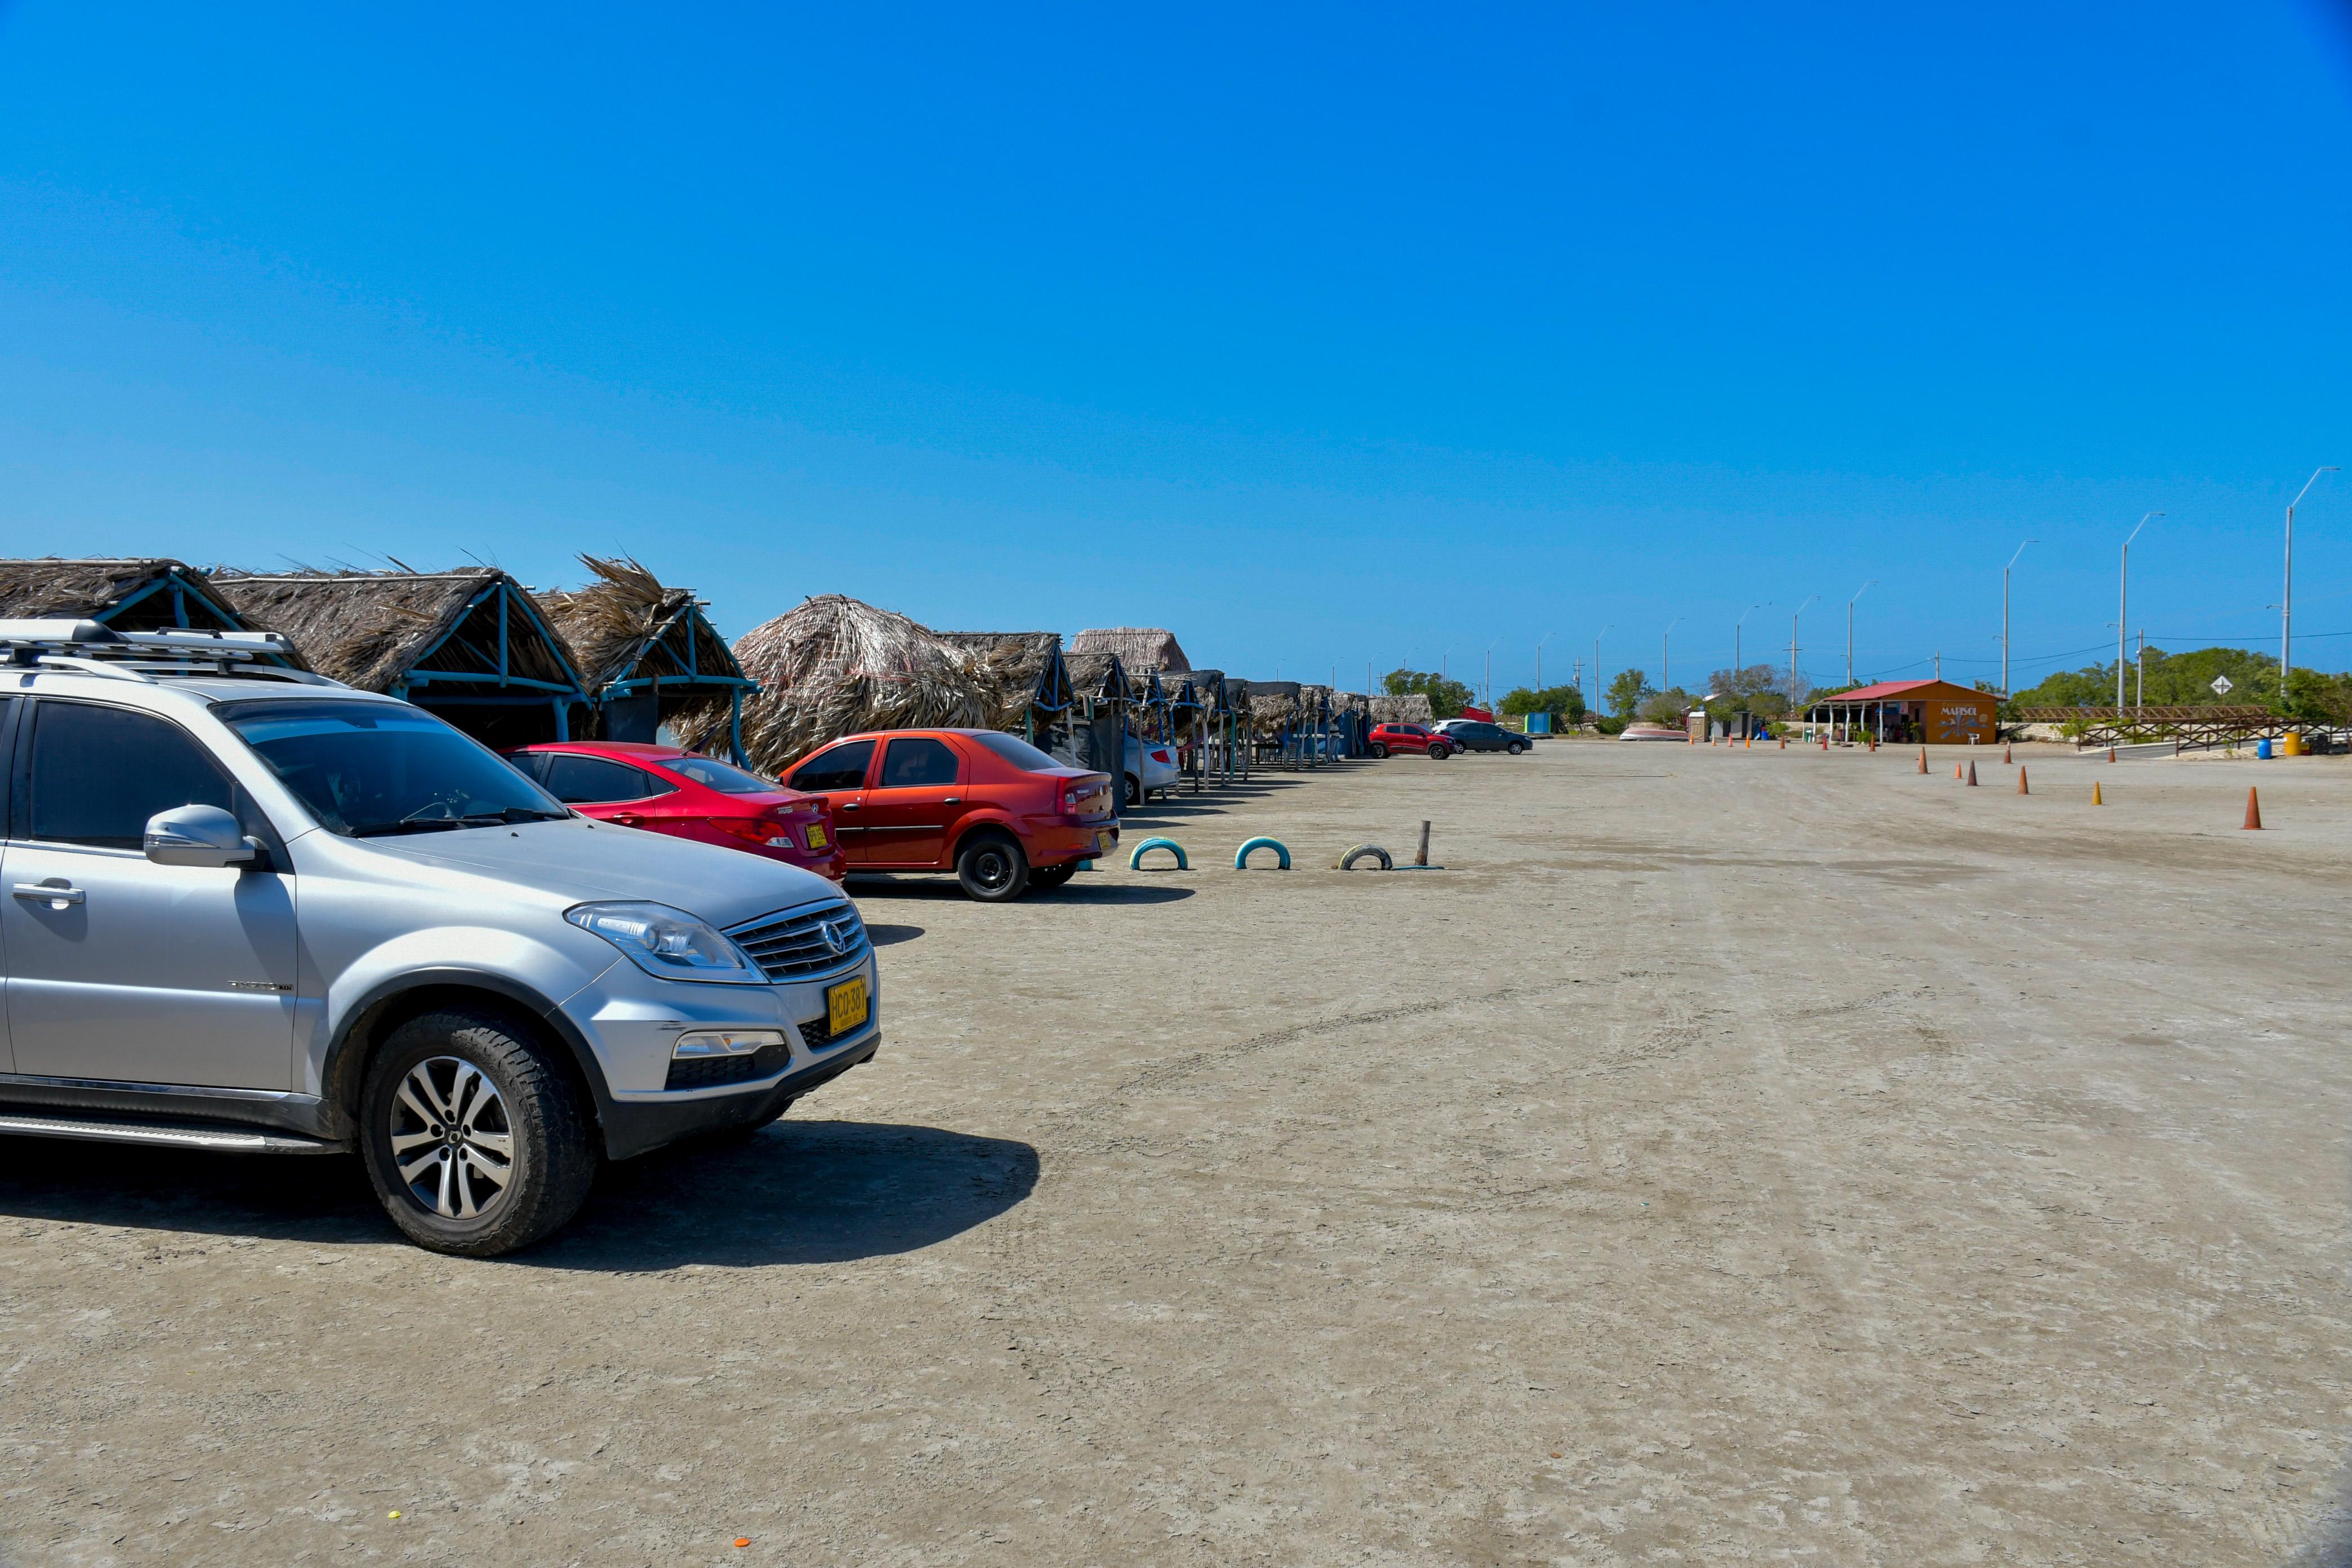 En Puerto Velero los carros se ubican en los quioscos.